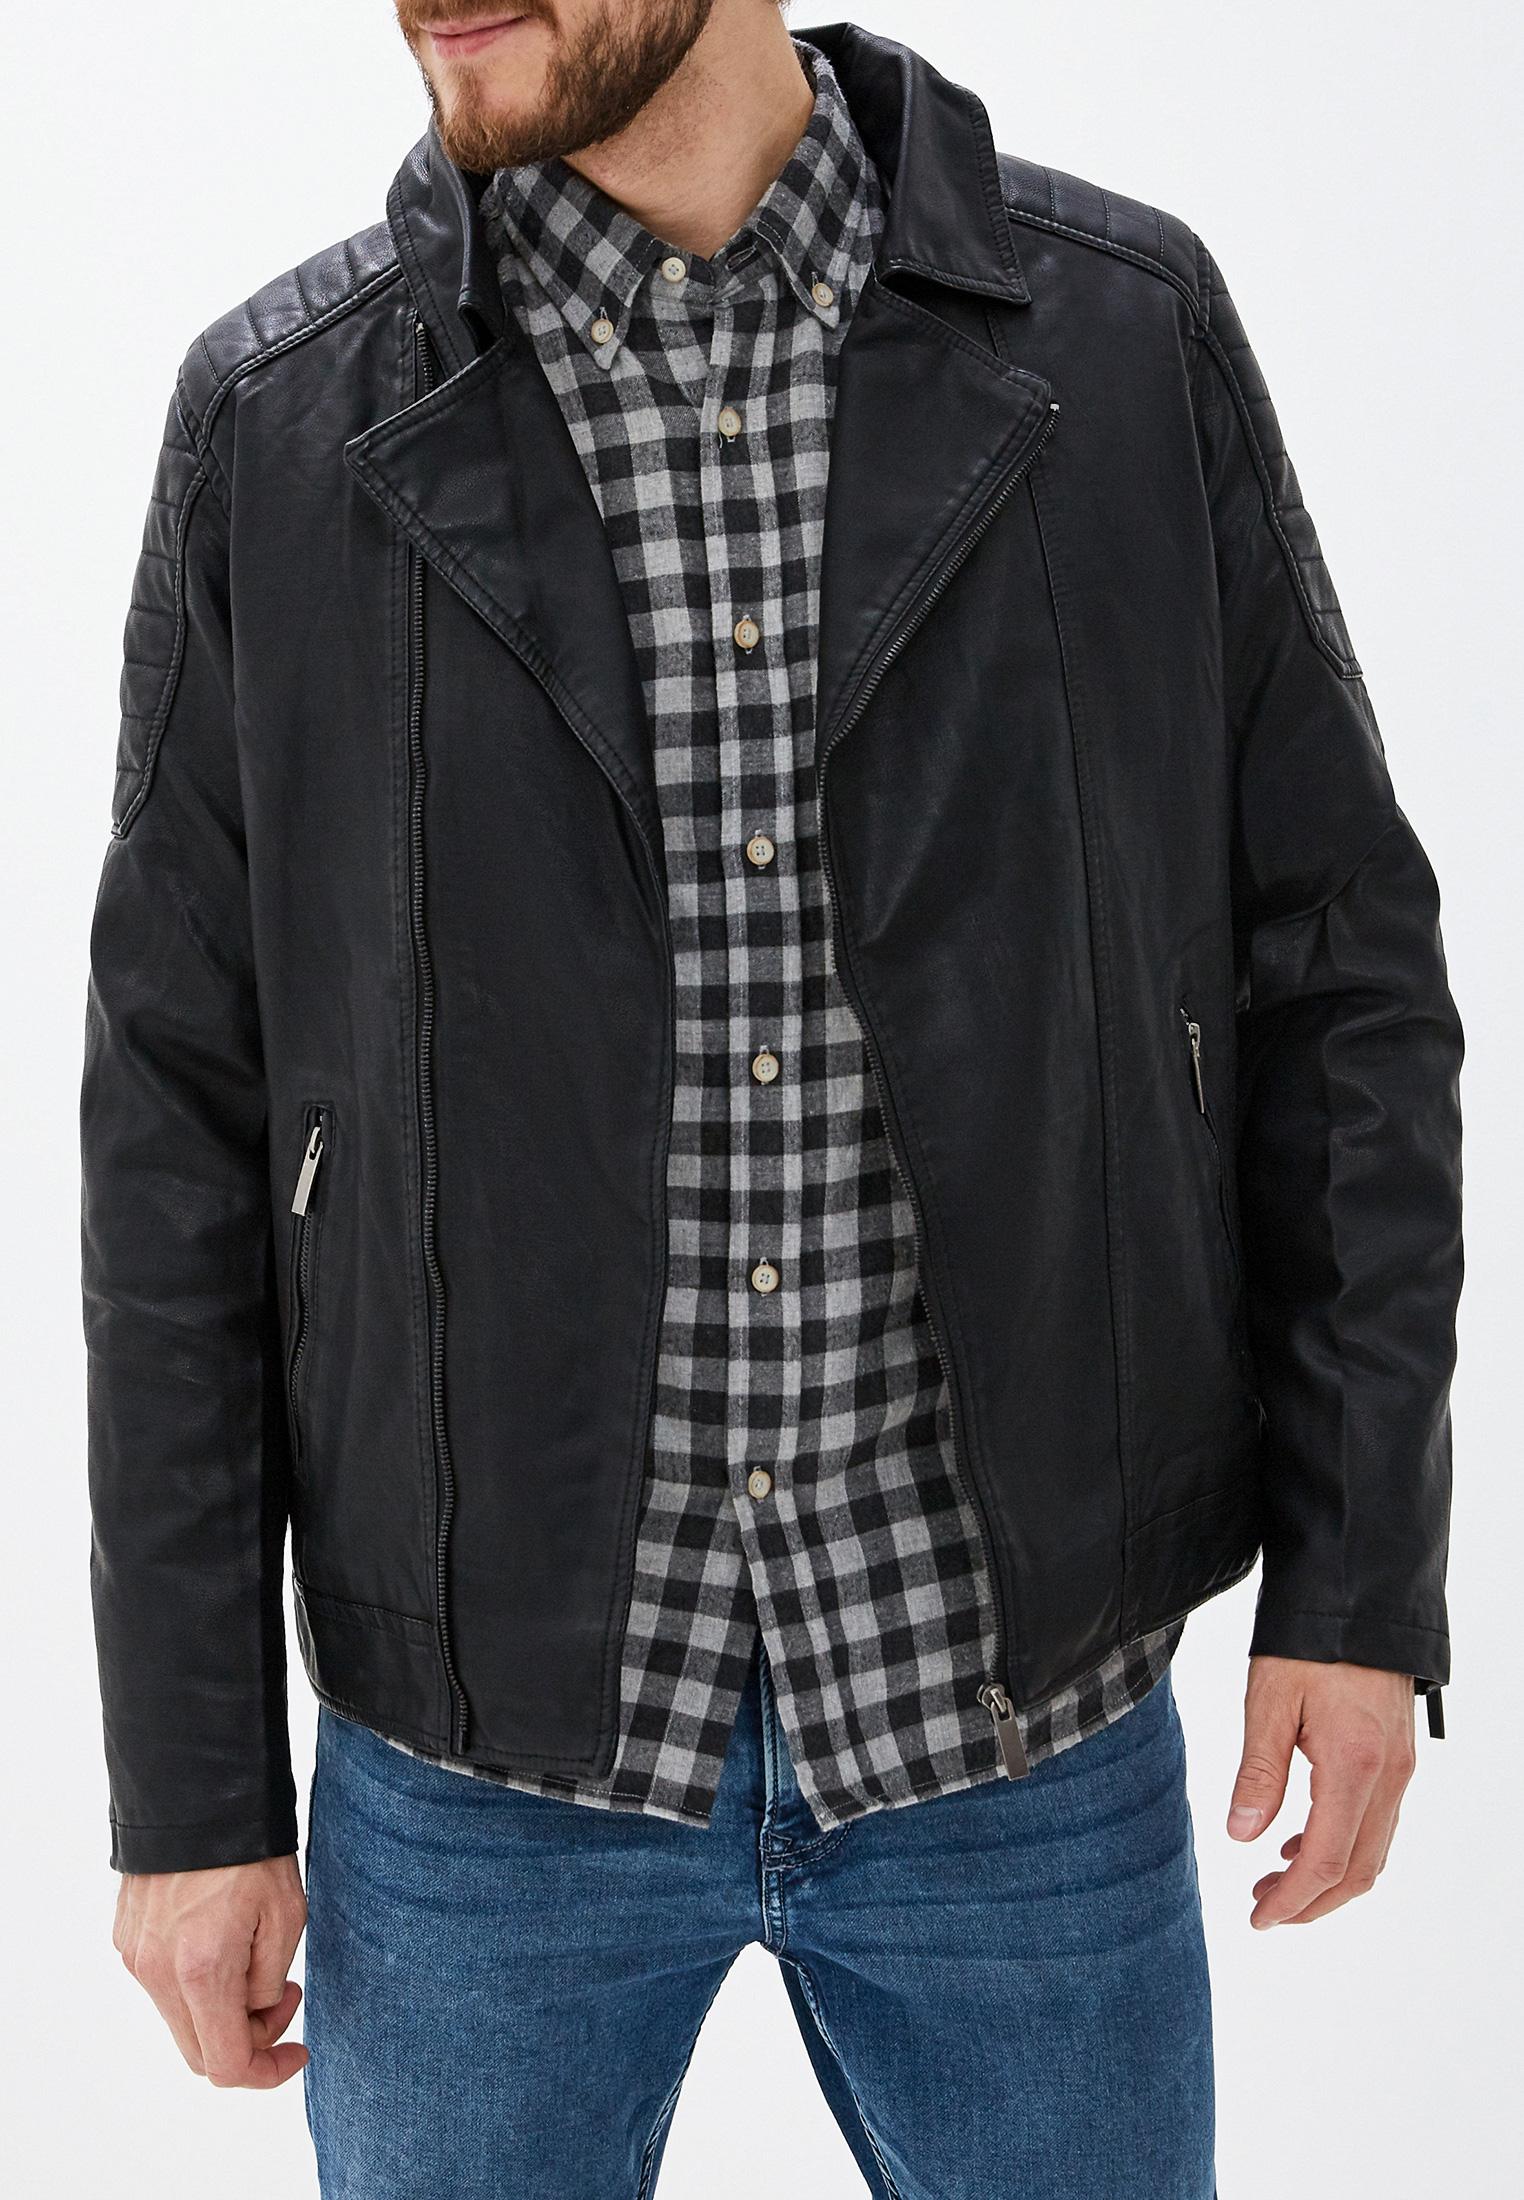 Куртка кожаная, B.Men, цвет: черный. Артикул: BM001EMGTWB5. Одежда / Верхняя одежда / Кожаные куртки